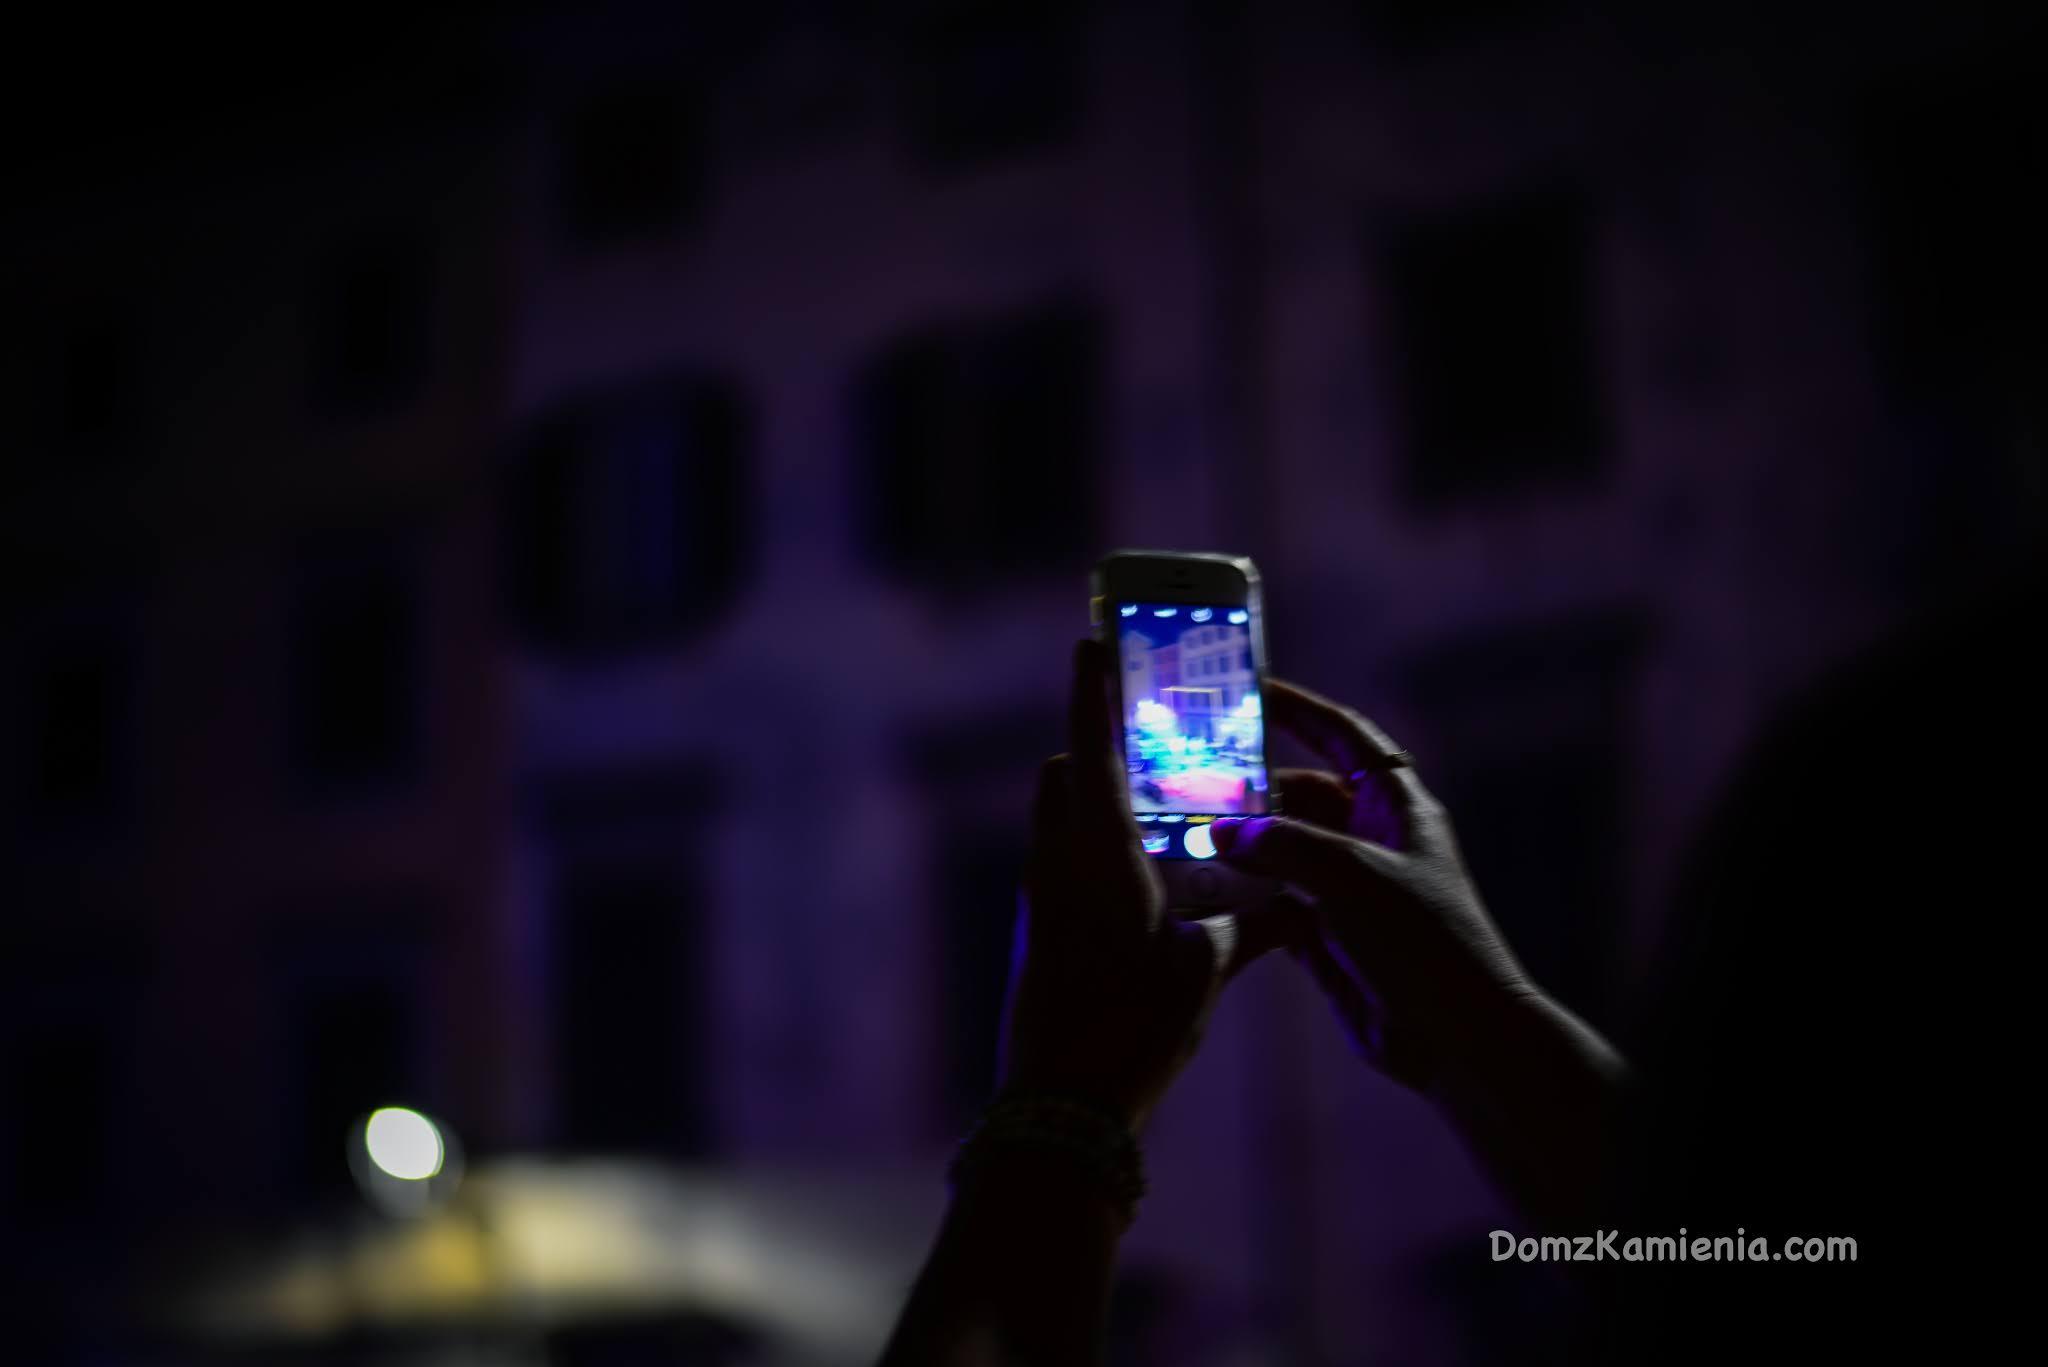 Marradi muzyka i festa na placu - Dom z Kamienia blog